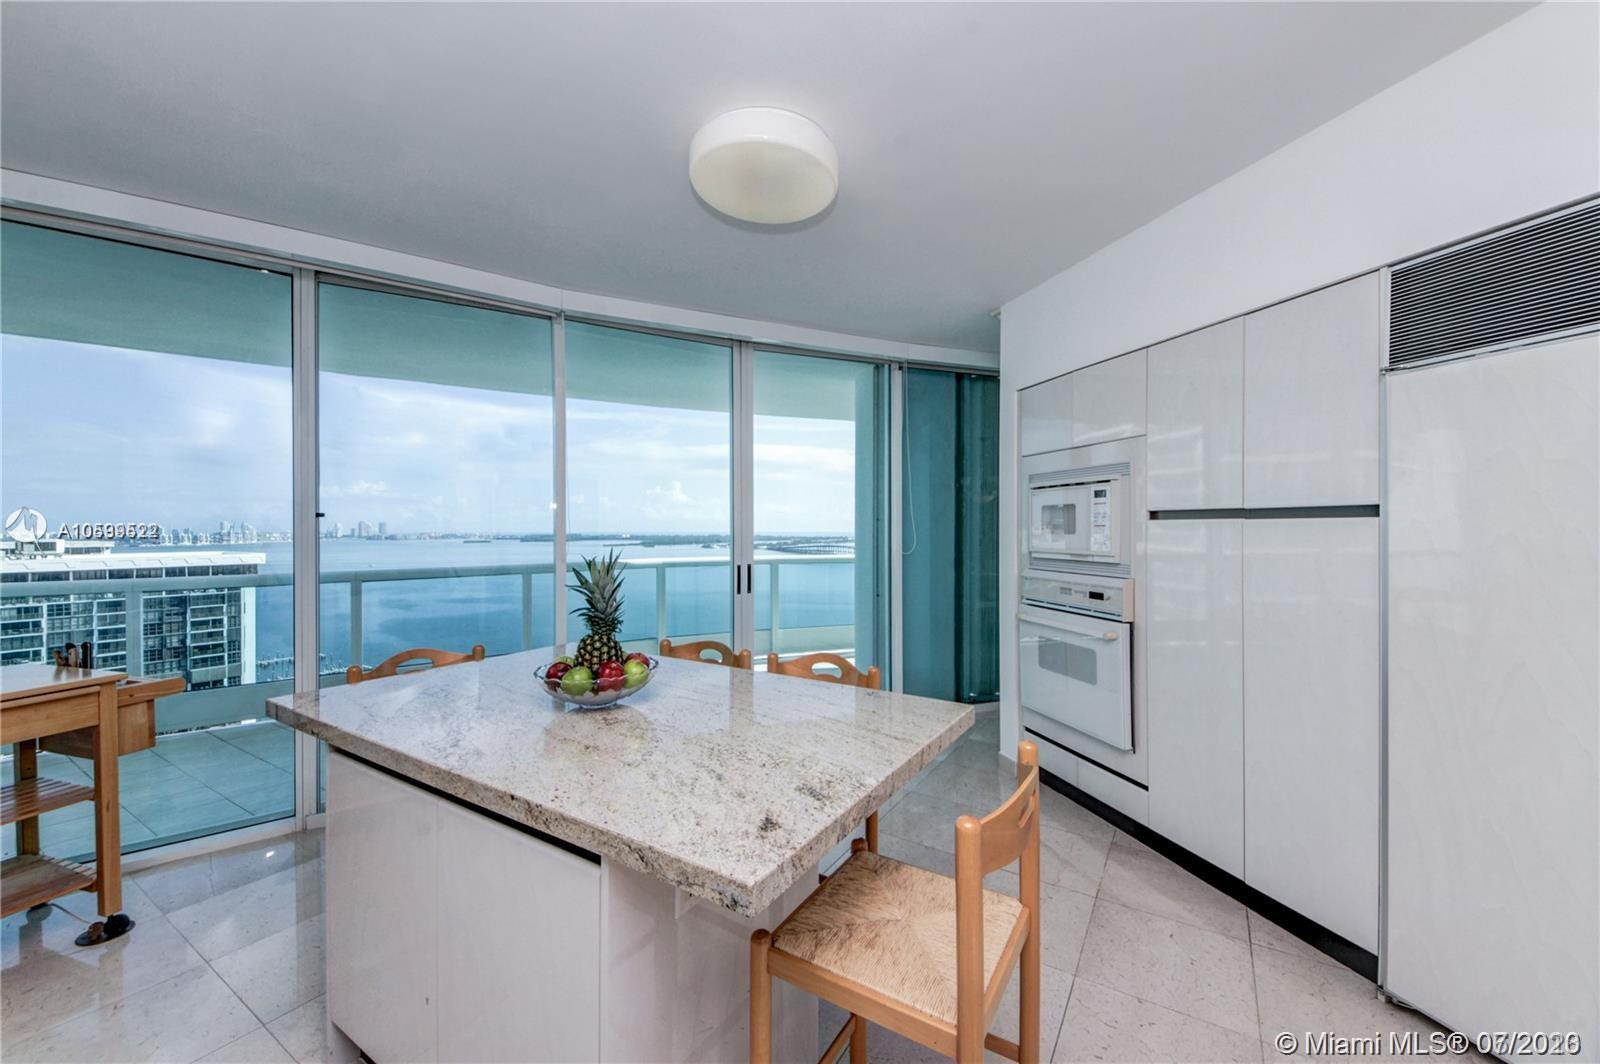 2127 Brickell Avenue, Miami, FL 33129, Bristol Tower Condominium #2601, Brickell, Miami A10599522 image #8